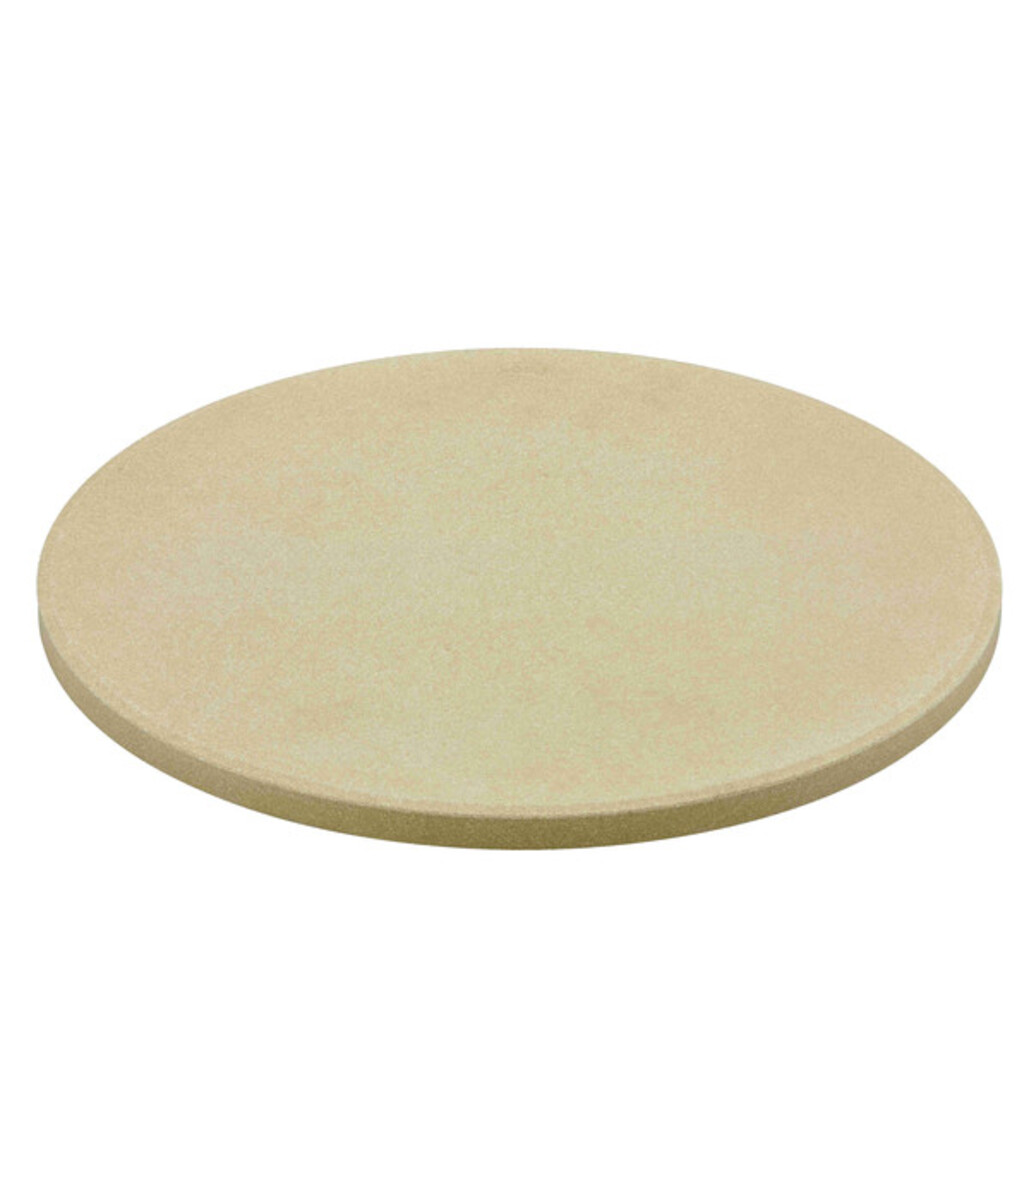 Bild 1 von Rösle Pizzastein Vario, Ø 30,5 cm